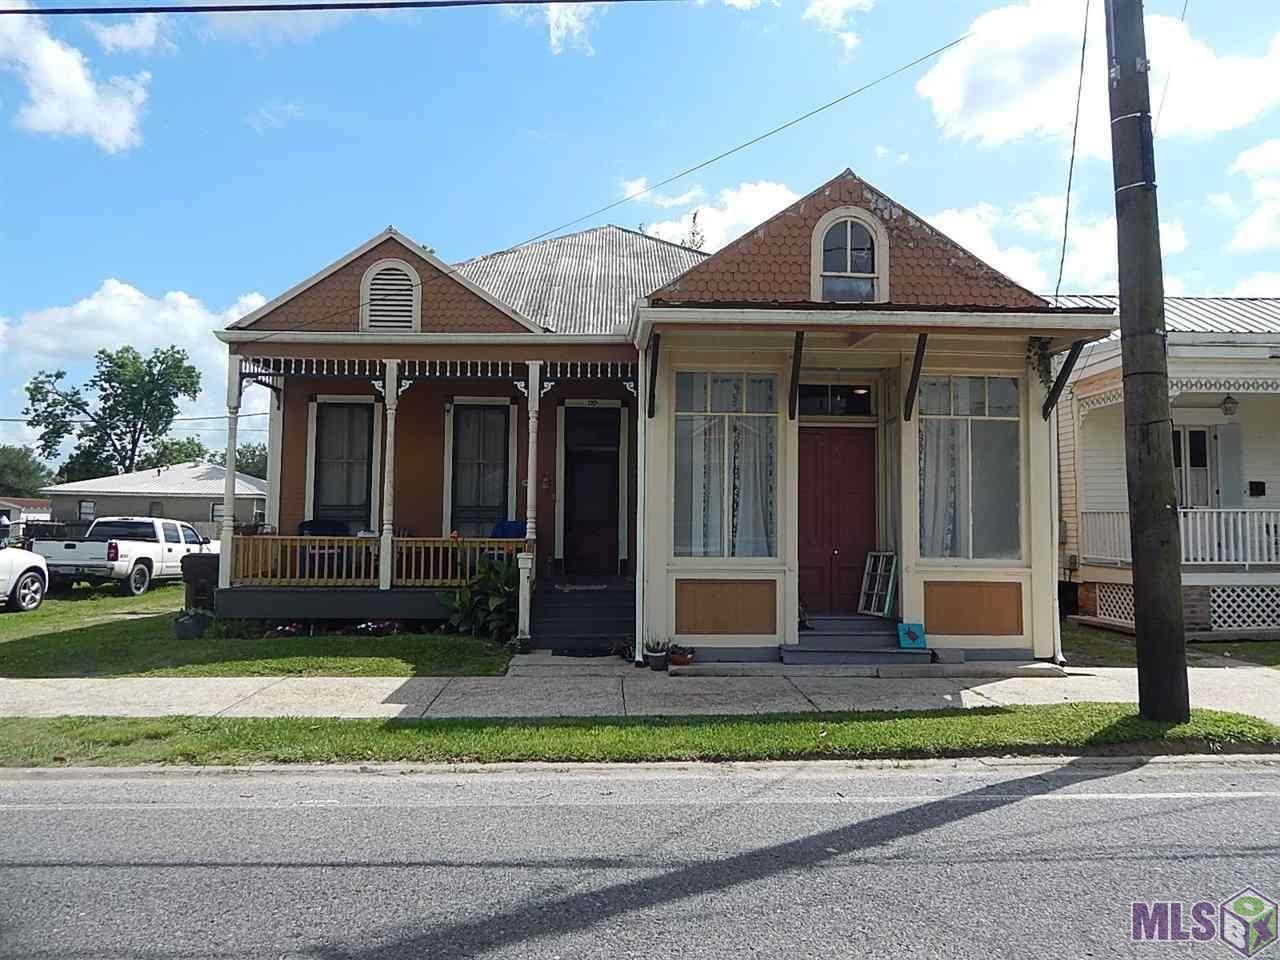 608 Mississippi St - Photo 1